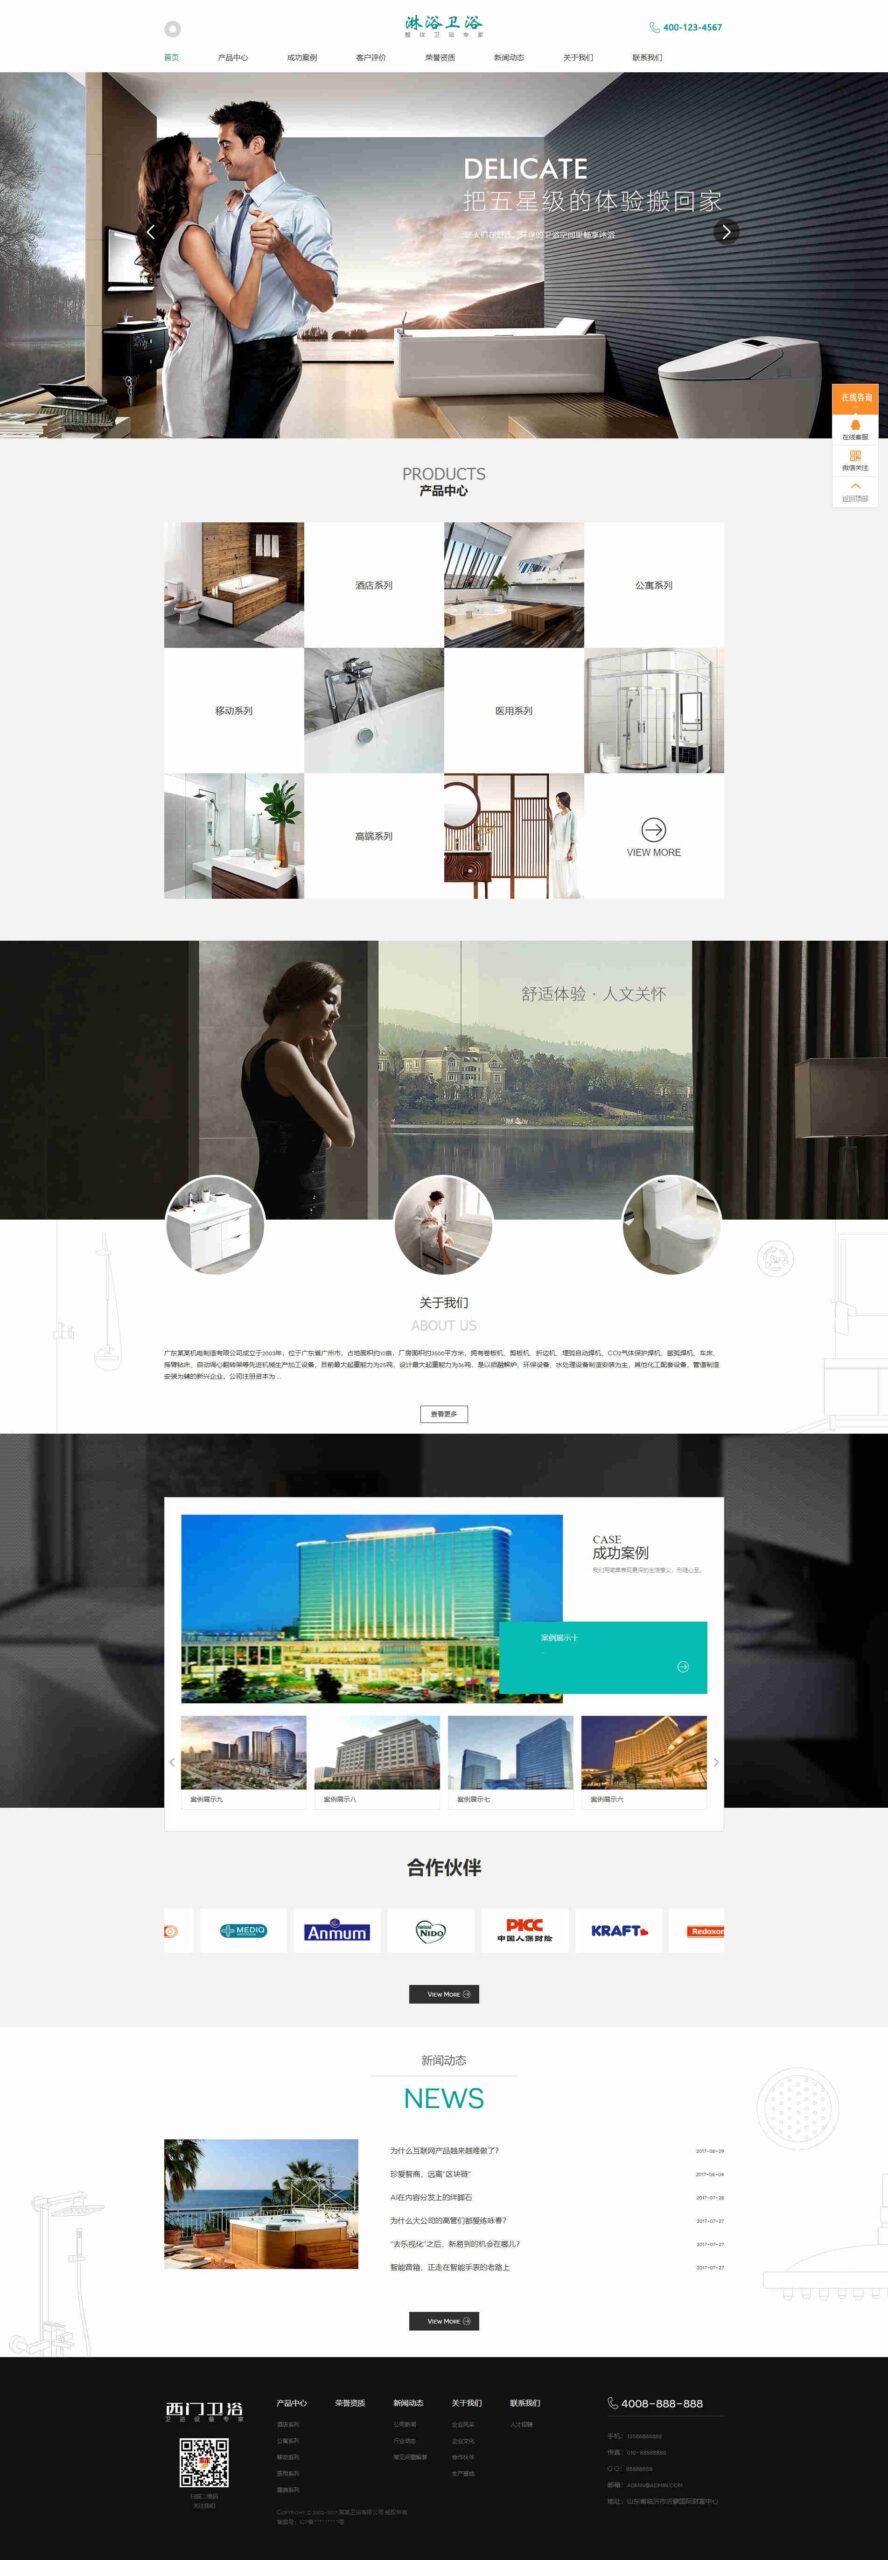 D87【织梦企业cms模板】家居卫浴设计类网站织梦模板带手机端